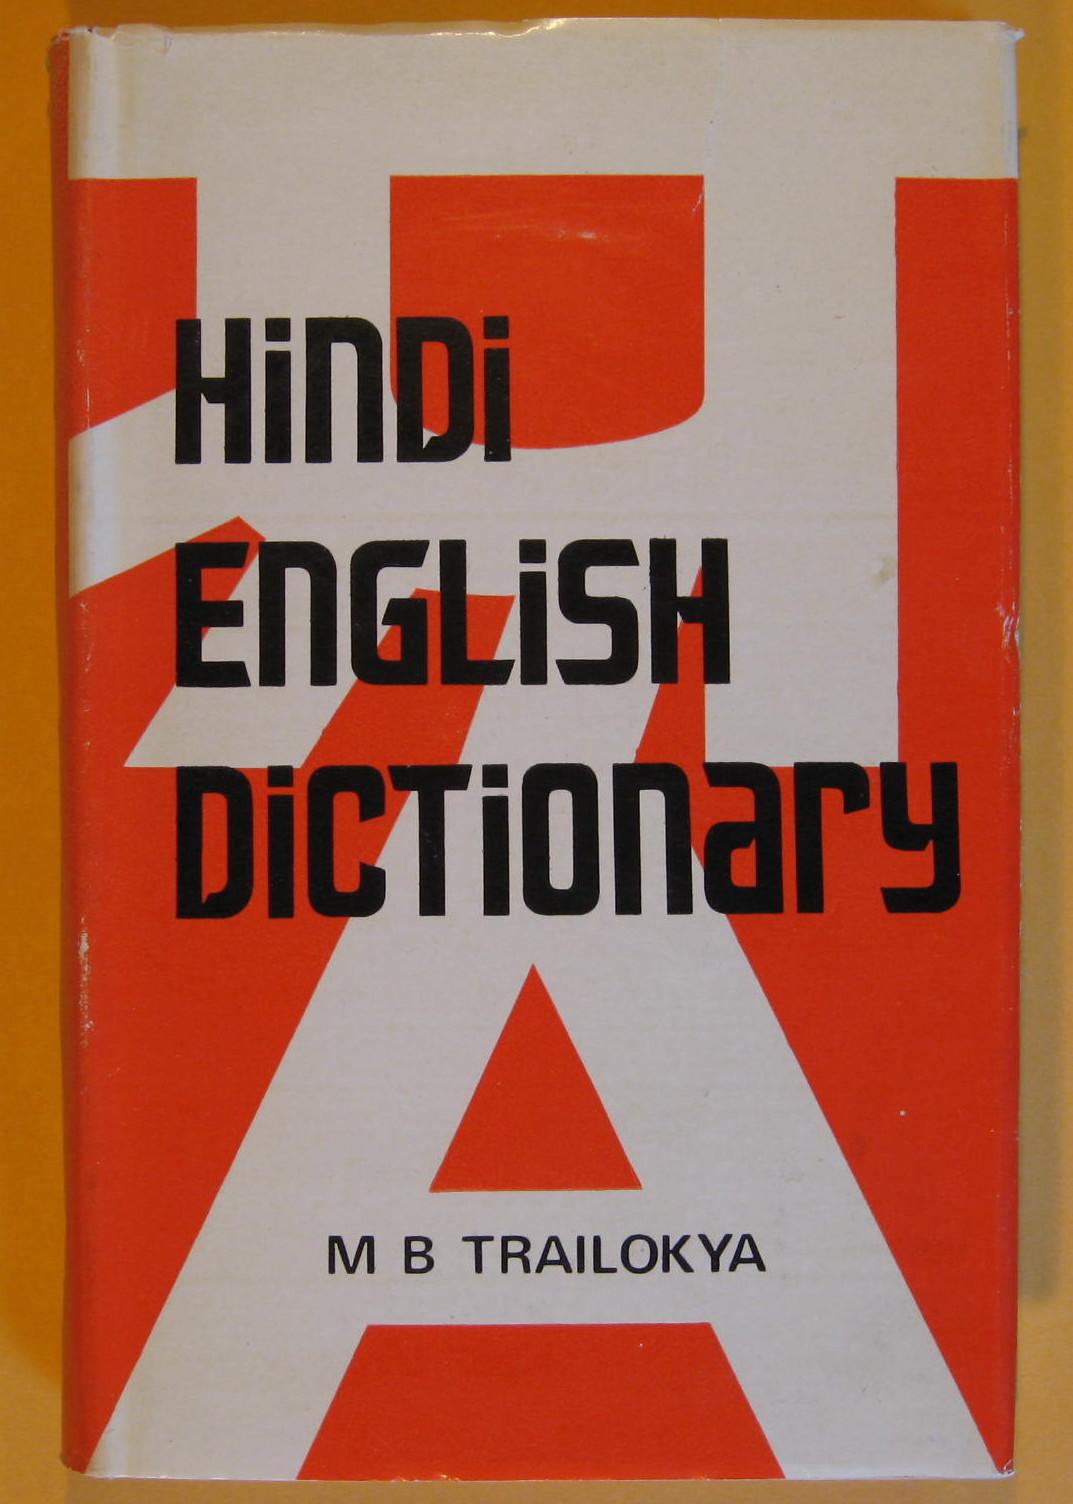 Hindi English Dictionary, Trailokya, M B